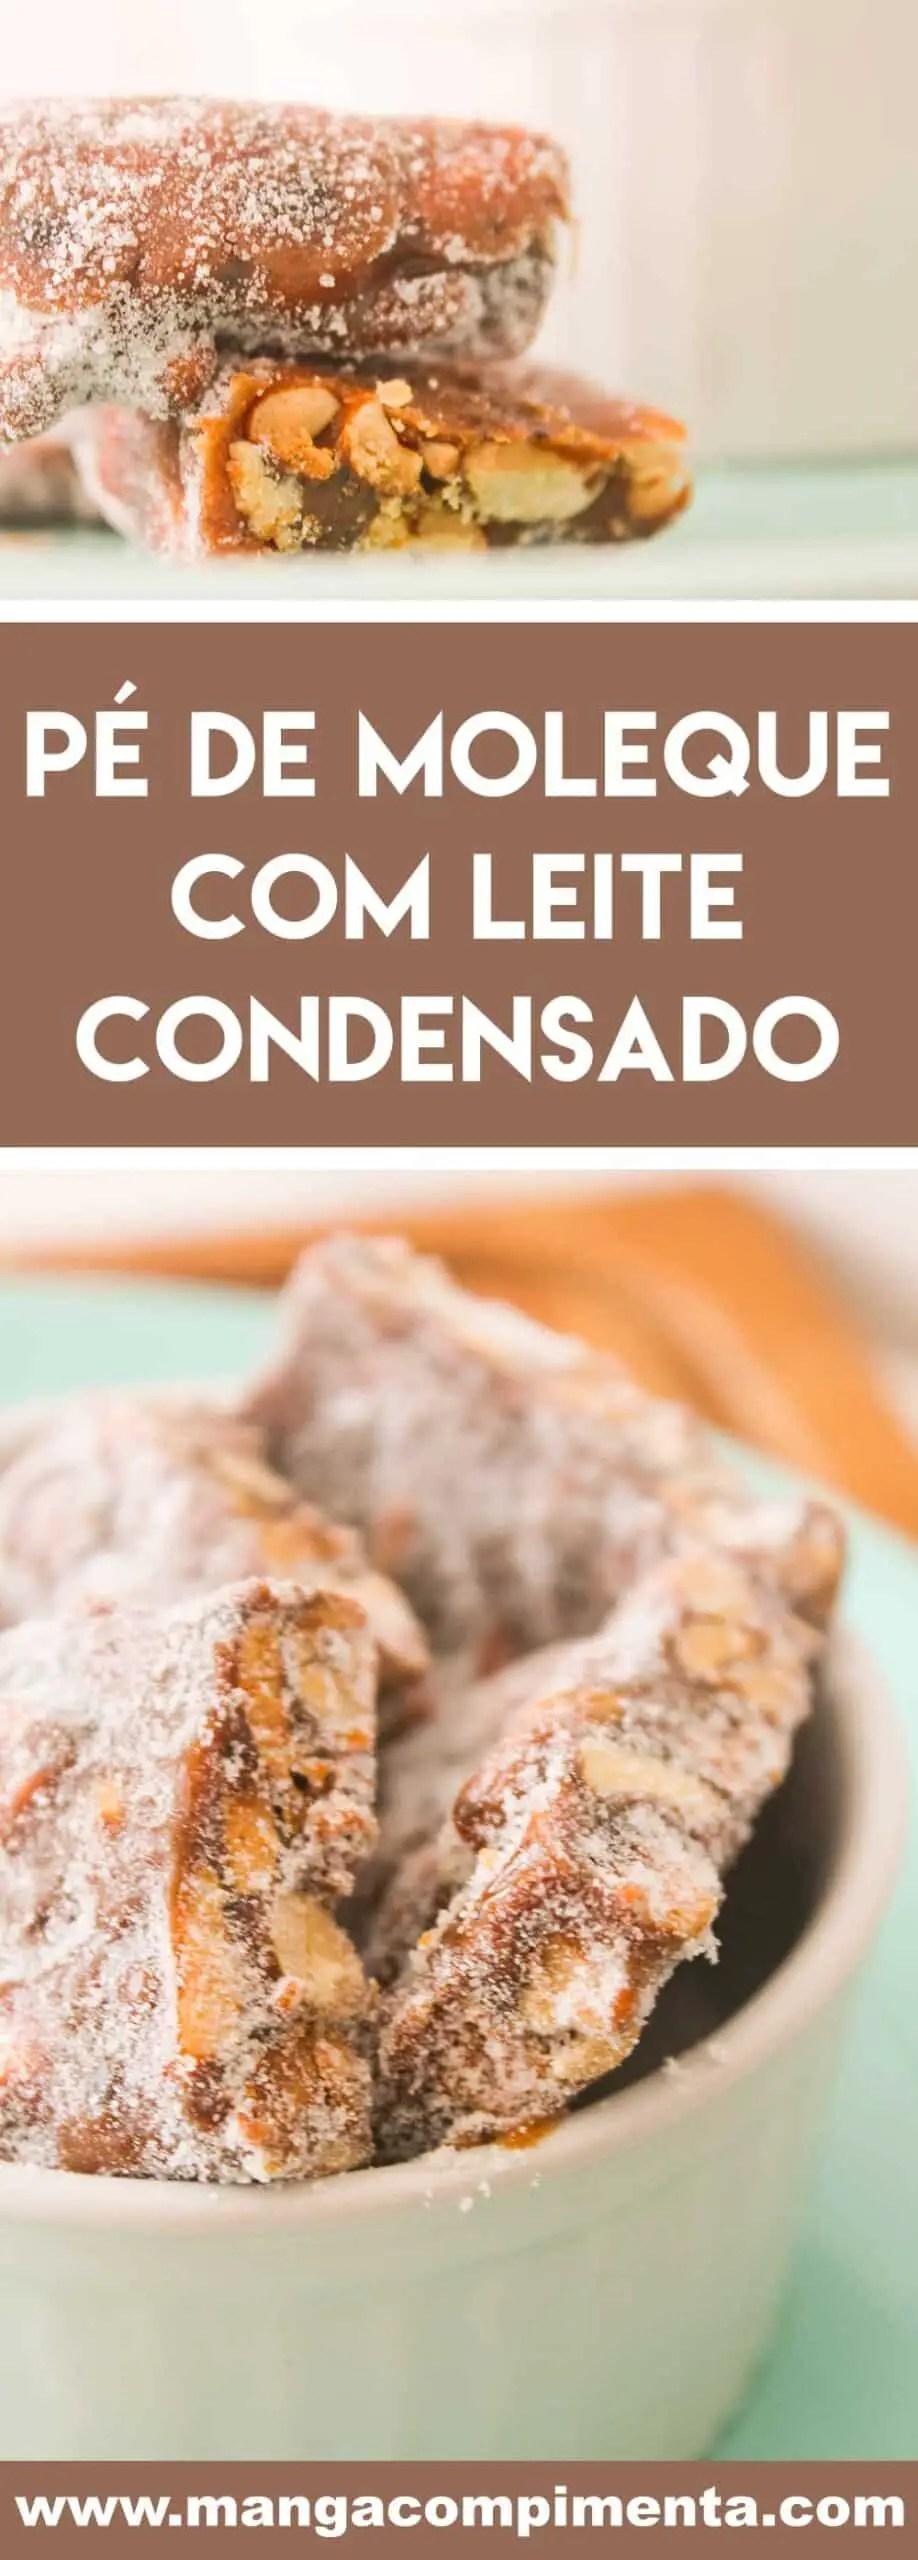 Receita de Pé de Moleque com Leite Condensado - prepare para servir na Festa Junina!